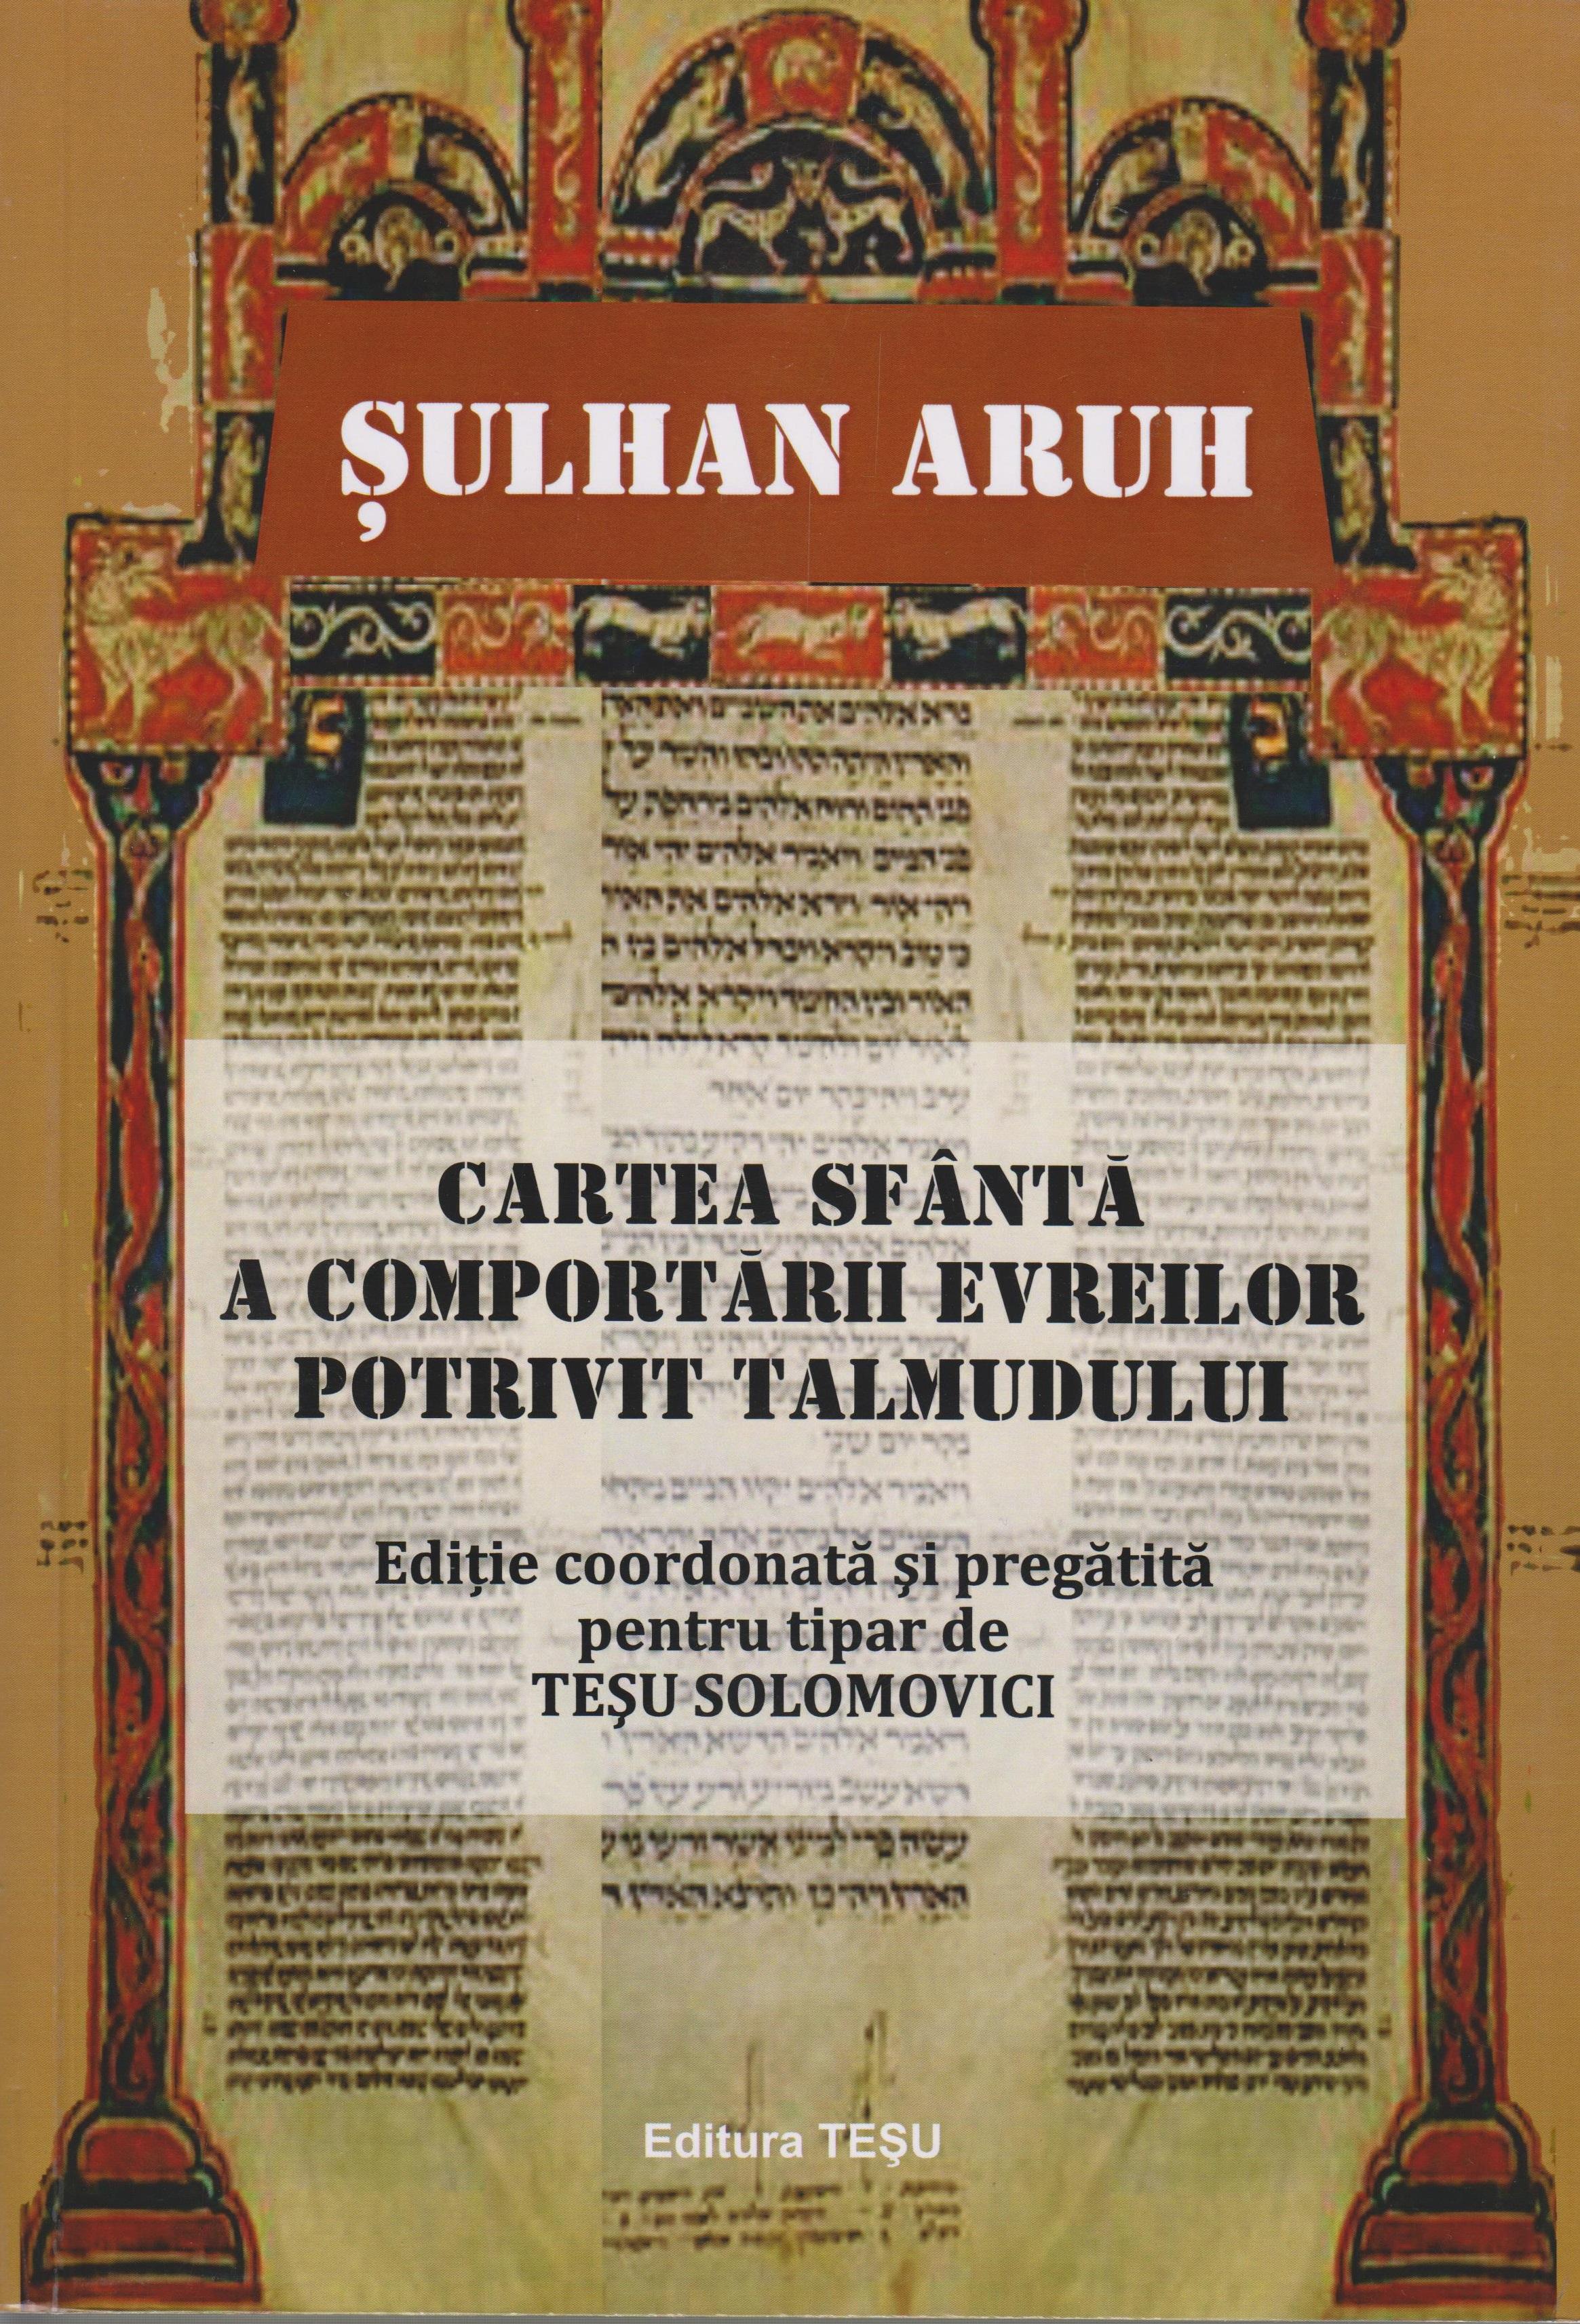 Codexul sfant al comportarii evreilor potrivit Talmudului